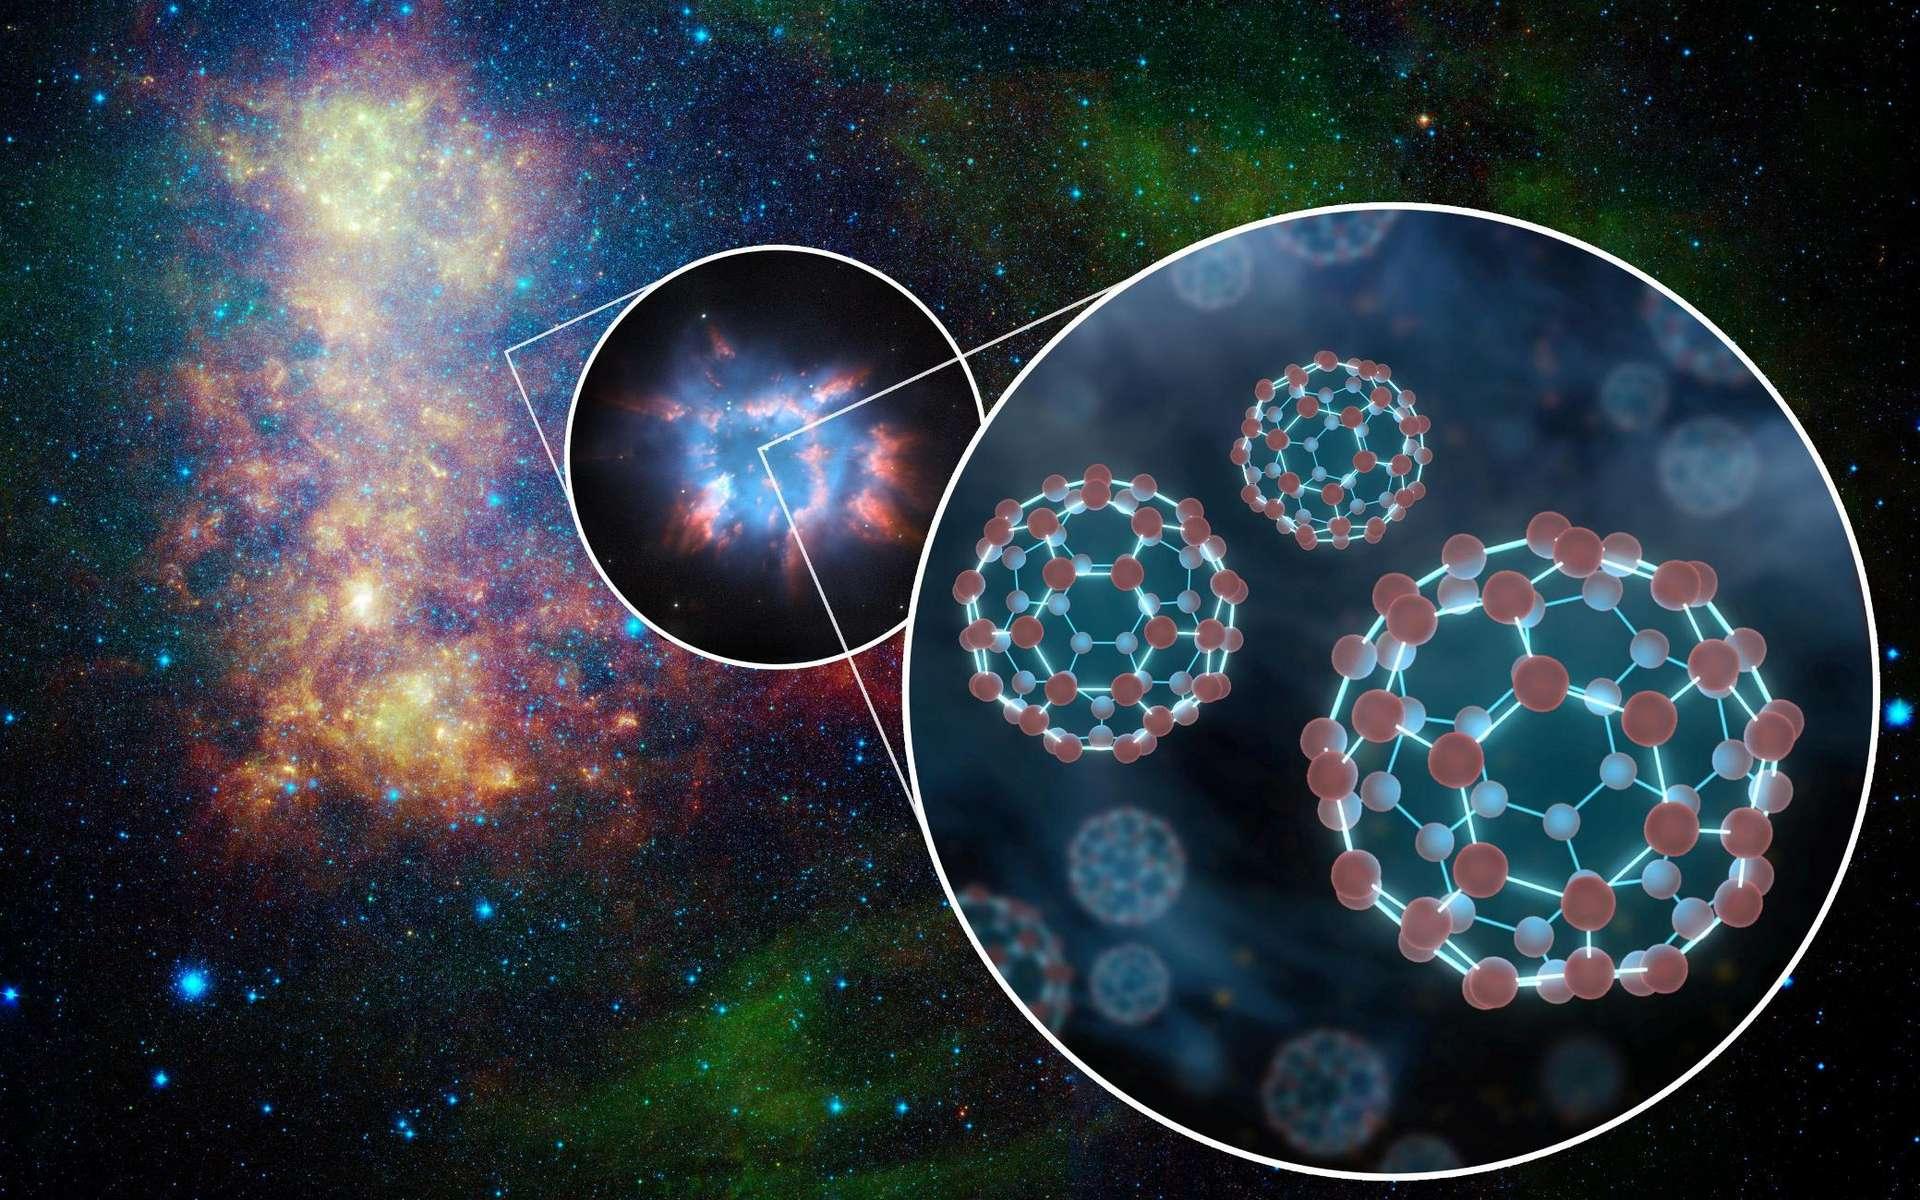 Une vue d'artiste du buckminsterfullerène ionisé par des étoiles dans le milieu interstellaire. © Nasa